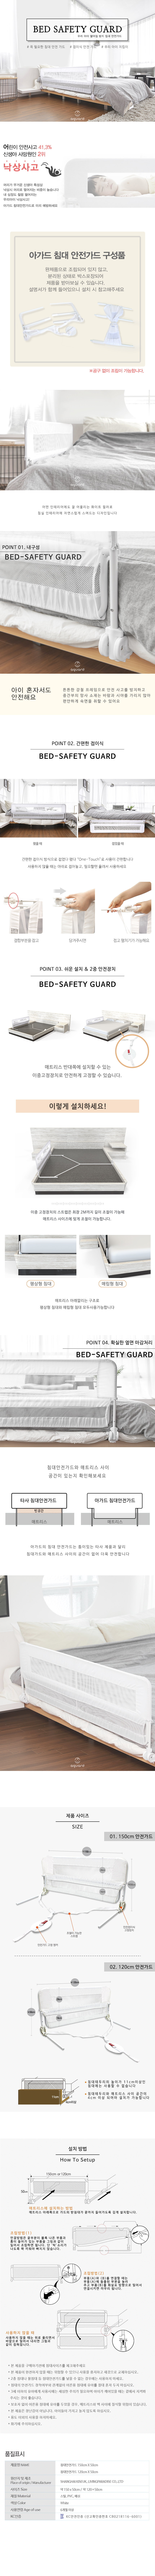 아가드 침대안전가드 장폭 120cm 1입 아기안전가드 - 아가드, 44,800원, 가구, 침대/범퍼침대